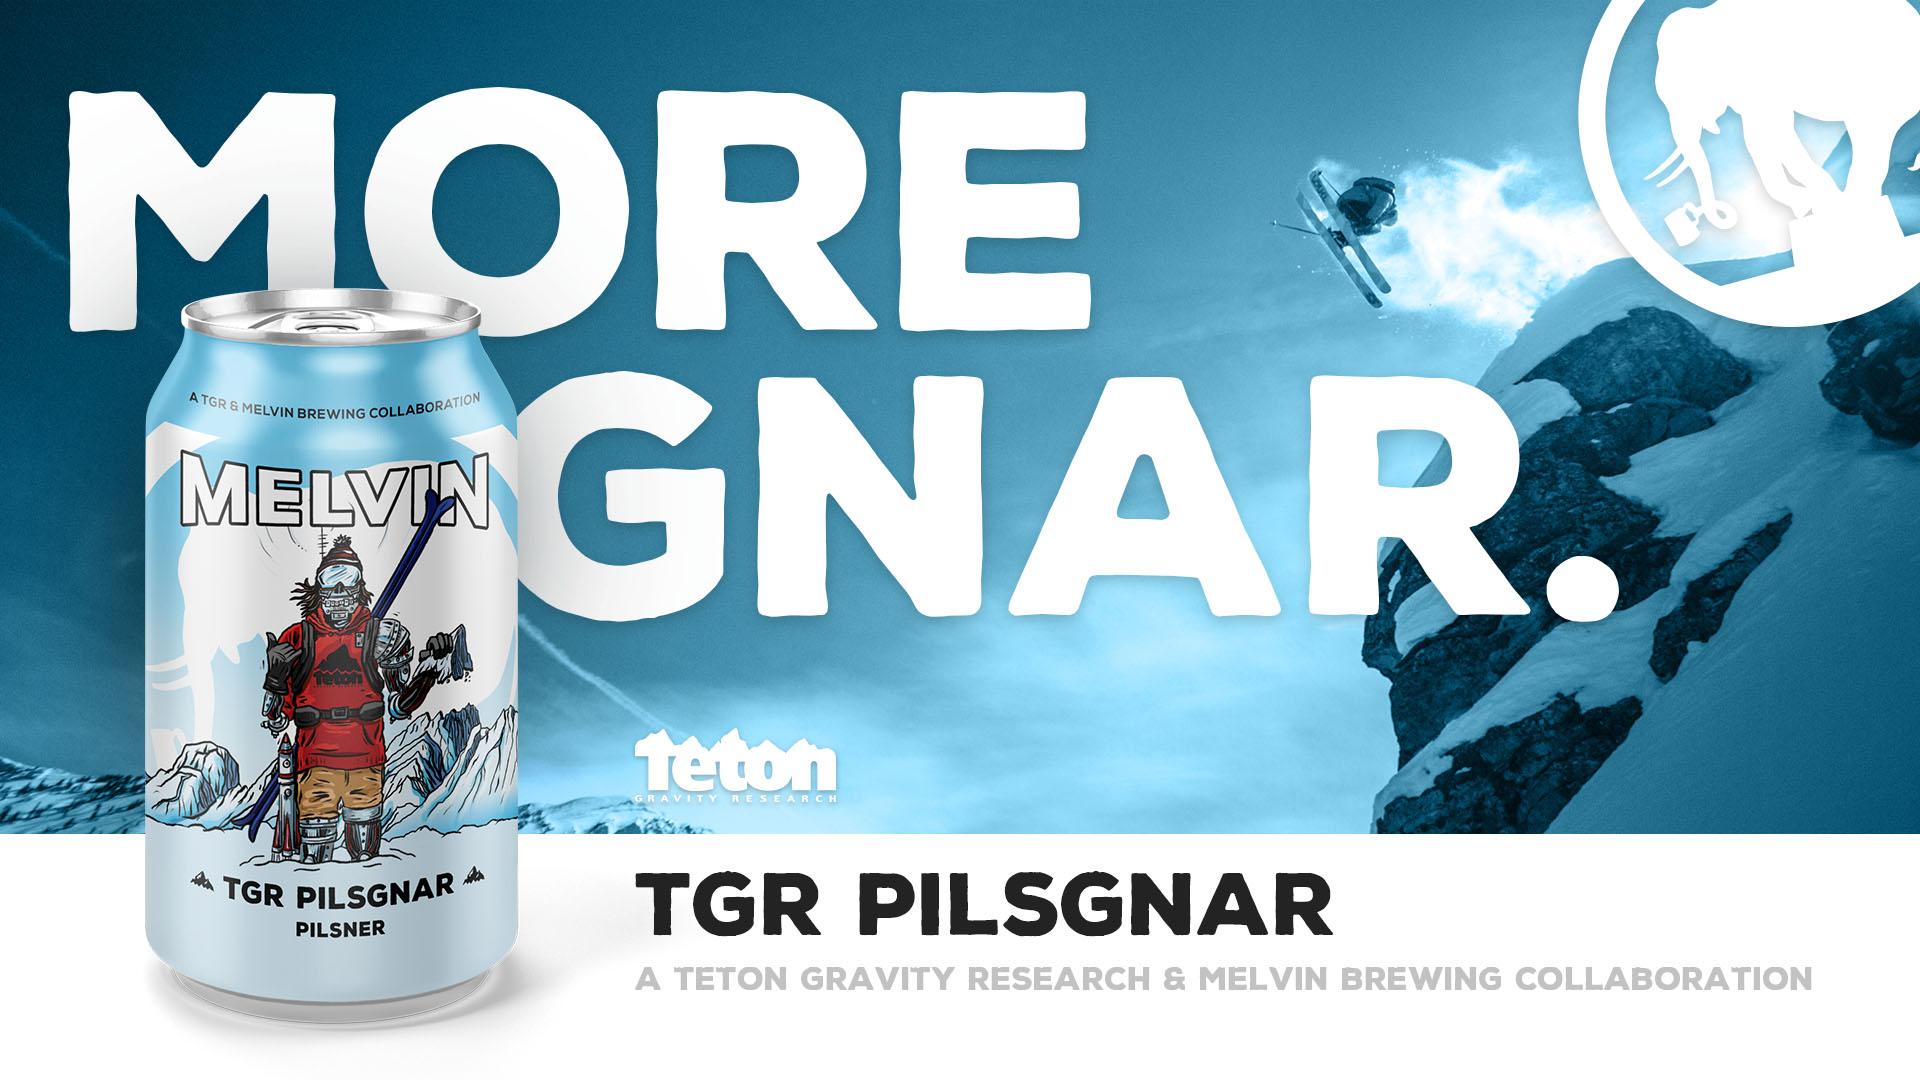 tgr-pilsgnar-fb-event-cover-1920x1080more_gnar.jpg